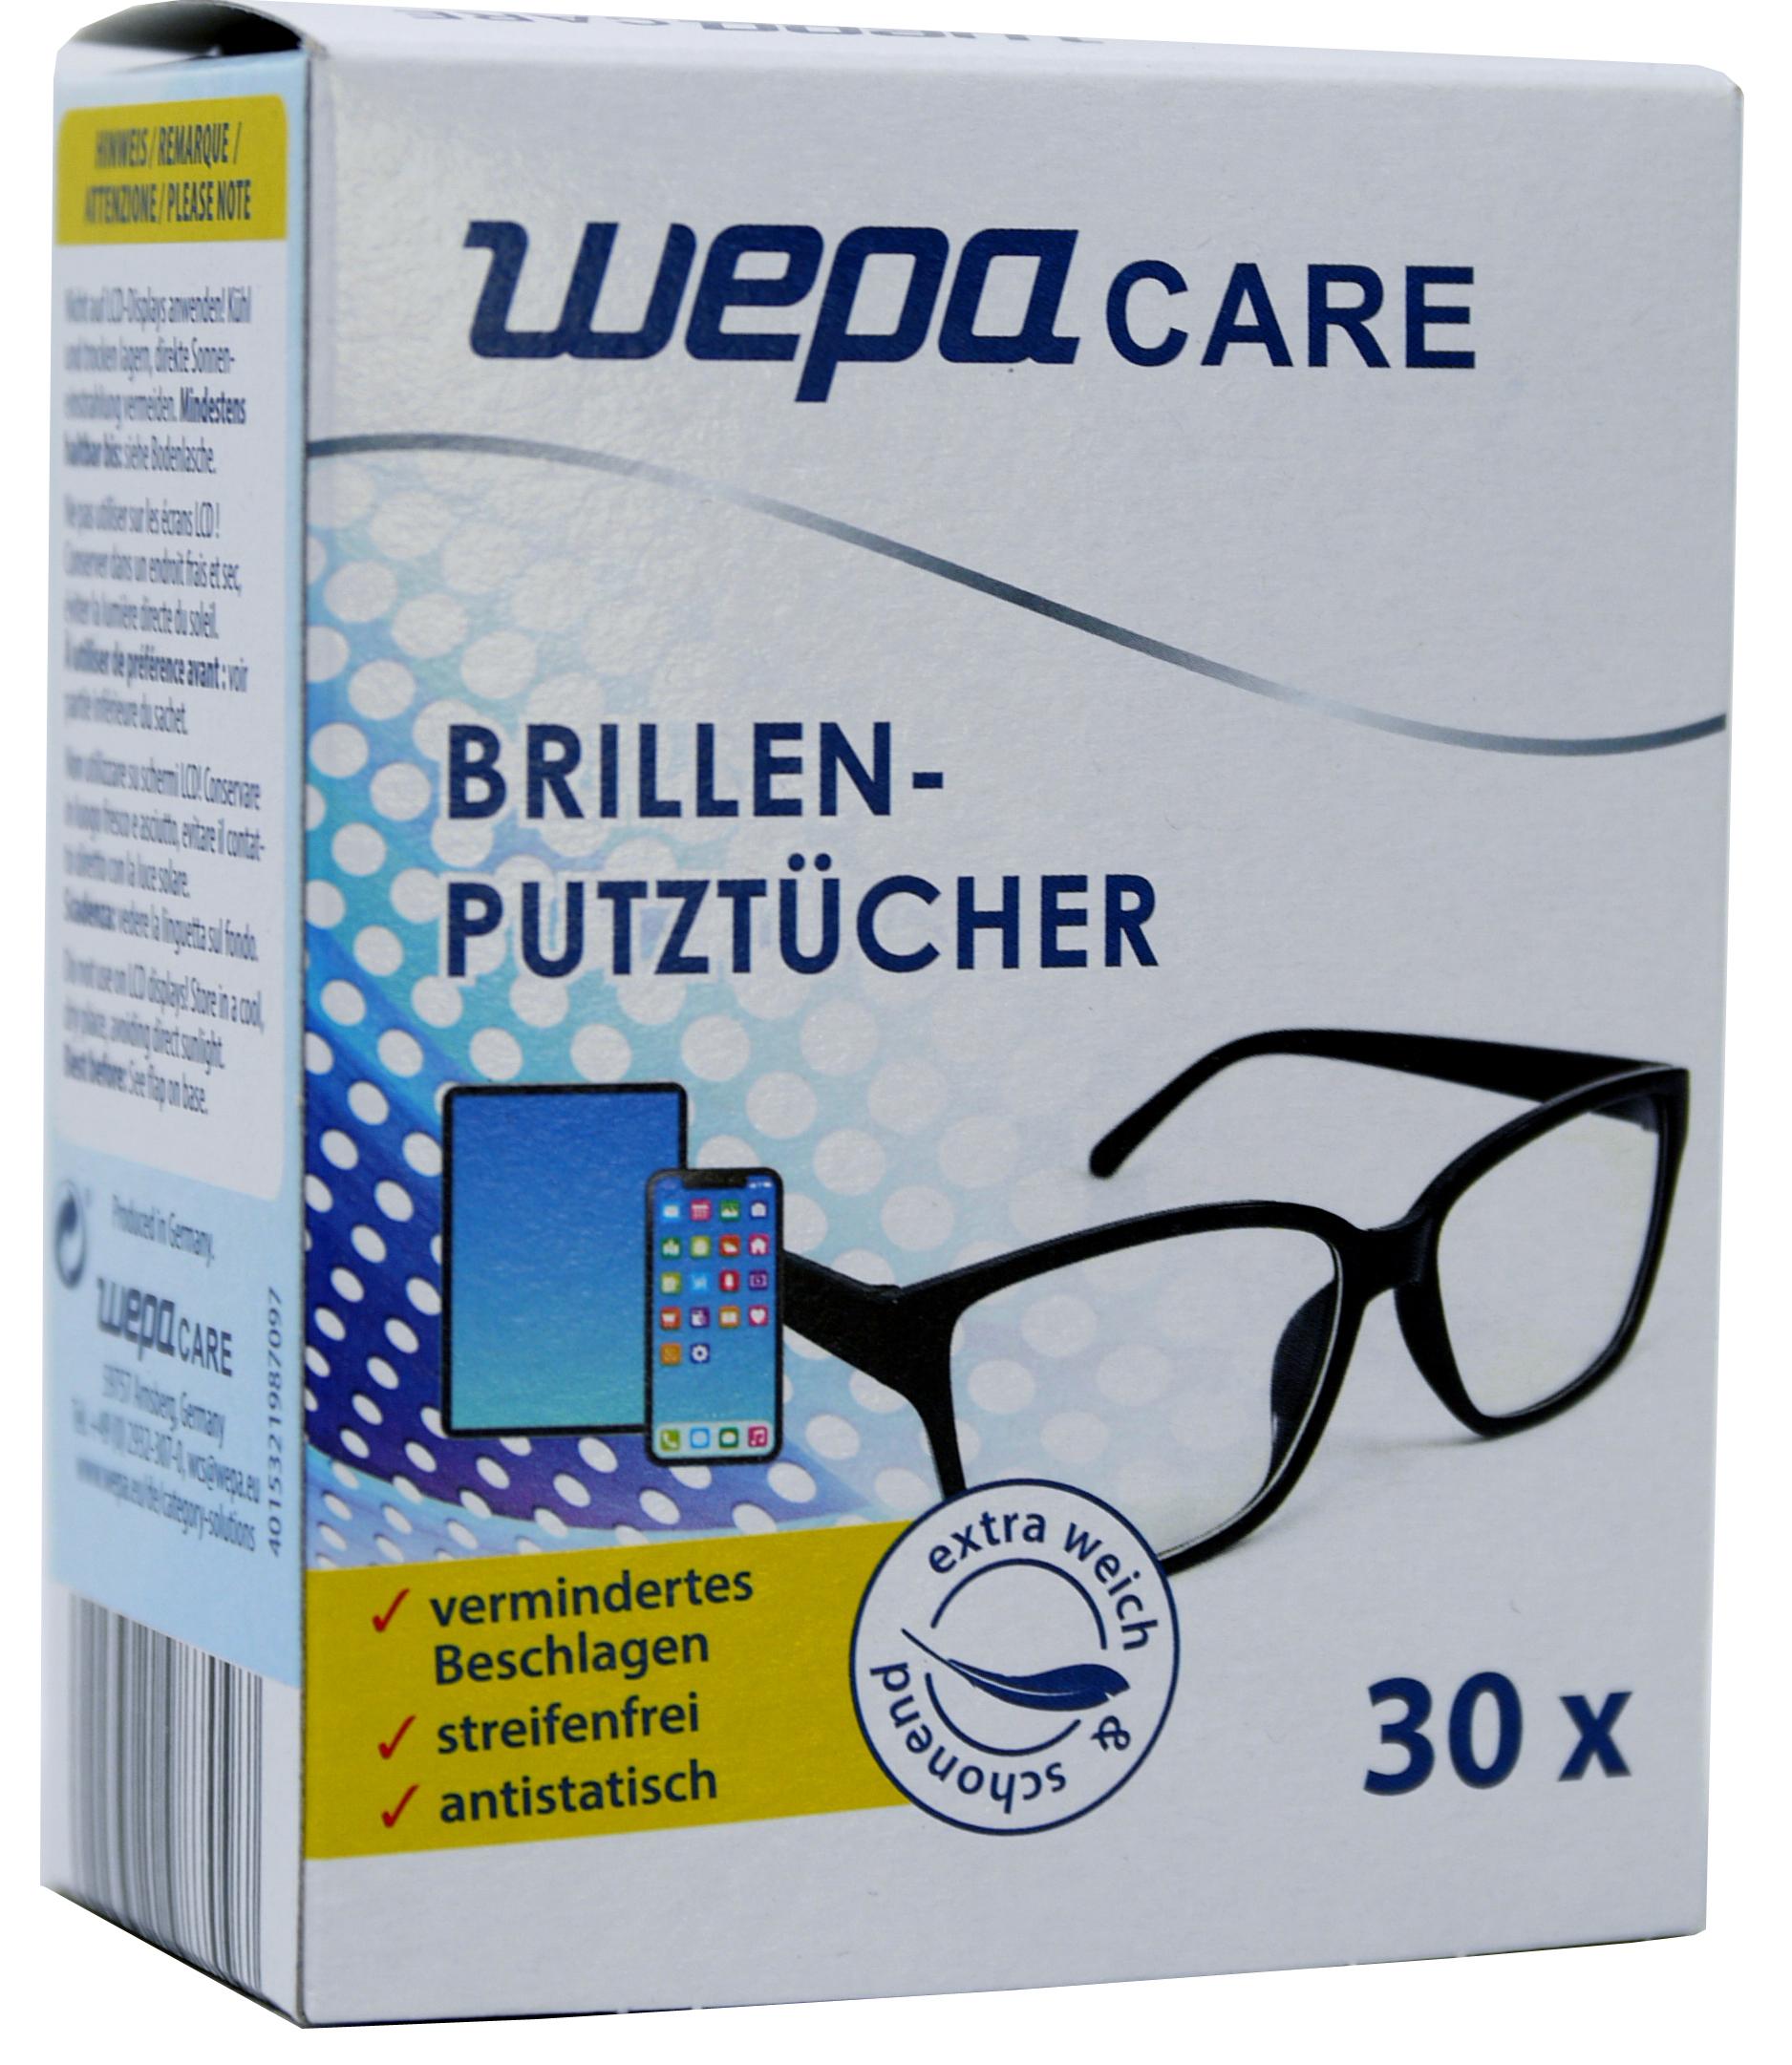 01216 - Brillenputztücher 30er